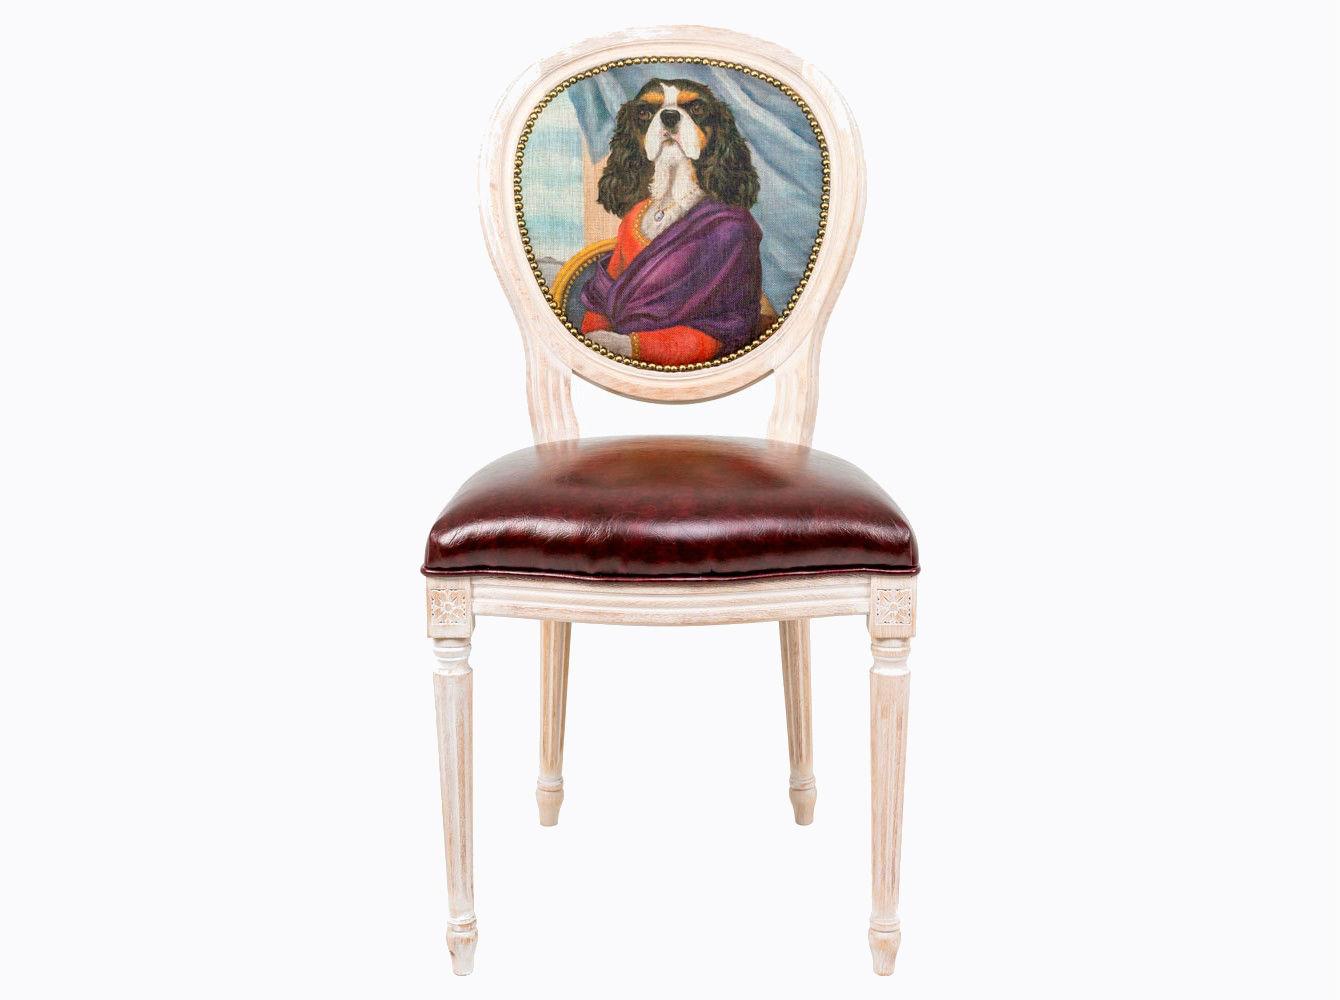 Стул «Музейный экспонат», версия 38Обеденные стулья<br>Стул &amp;quot;Музейный экспонат&amp;quot; - универсальное, но отборное решение гостиной и детской комнат, столовой, холла, кабинета и спальни. <br>Дизайн создан эффектом экстравагантных сочетаний. Королевский силуэт эпохи Луи-Филиппа украсил рисунок в жанре современного анимализма, подражающего дворцовым сюжетам эпохи Возрождения.<br>Корпус стула изготовлен из натурального бука. В дизайне &amp;quot;Музейный экспонат&amp;quot; резьба играет ведущую роль: стул украшен вычурными желобками и цветочными узорами, выточенными с ювелирной меткостью.  Благородная фактура натурального дерева вселяют атмосферу тепла, спокойствия и уюта. <br>Комфортабельность, прочность и долговечность сиденья обеспечены подвеской из эластичных ремней. <br>Обивка оснащена тефлоновым покрытием против пятен. <br>Не упустите возможности обладания поистине уникальной дизайнерской мебелью, - коллекция &amp;quot;Музейный экспонат&amp;quot; выпущена лимитированными экземплярами.<br>&amp;lt;div&amp;gt;&amp;lt;br&amp;gt;&amp;lt;/div&amp;gt;&amp;lt;div&amp;gt;Каркас - натуральное дерево бука, обивка сиденья и оборотной стороны спинки - эко-кожа, обивка спинки: 29% лен, 9 % хлопок, 72% полиэстер&amp;lt;br&amp;gt;&amp;lt;/div&amp;gt;<br><br>Material: Дерево<br>Width см: 55<br>Depth см: 50<br>Height см: 95